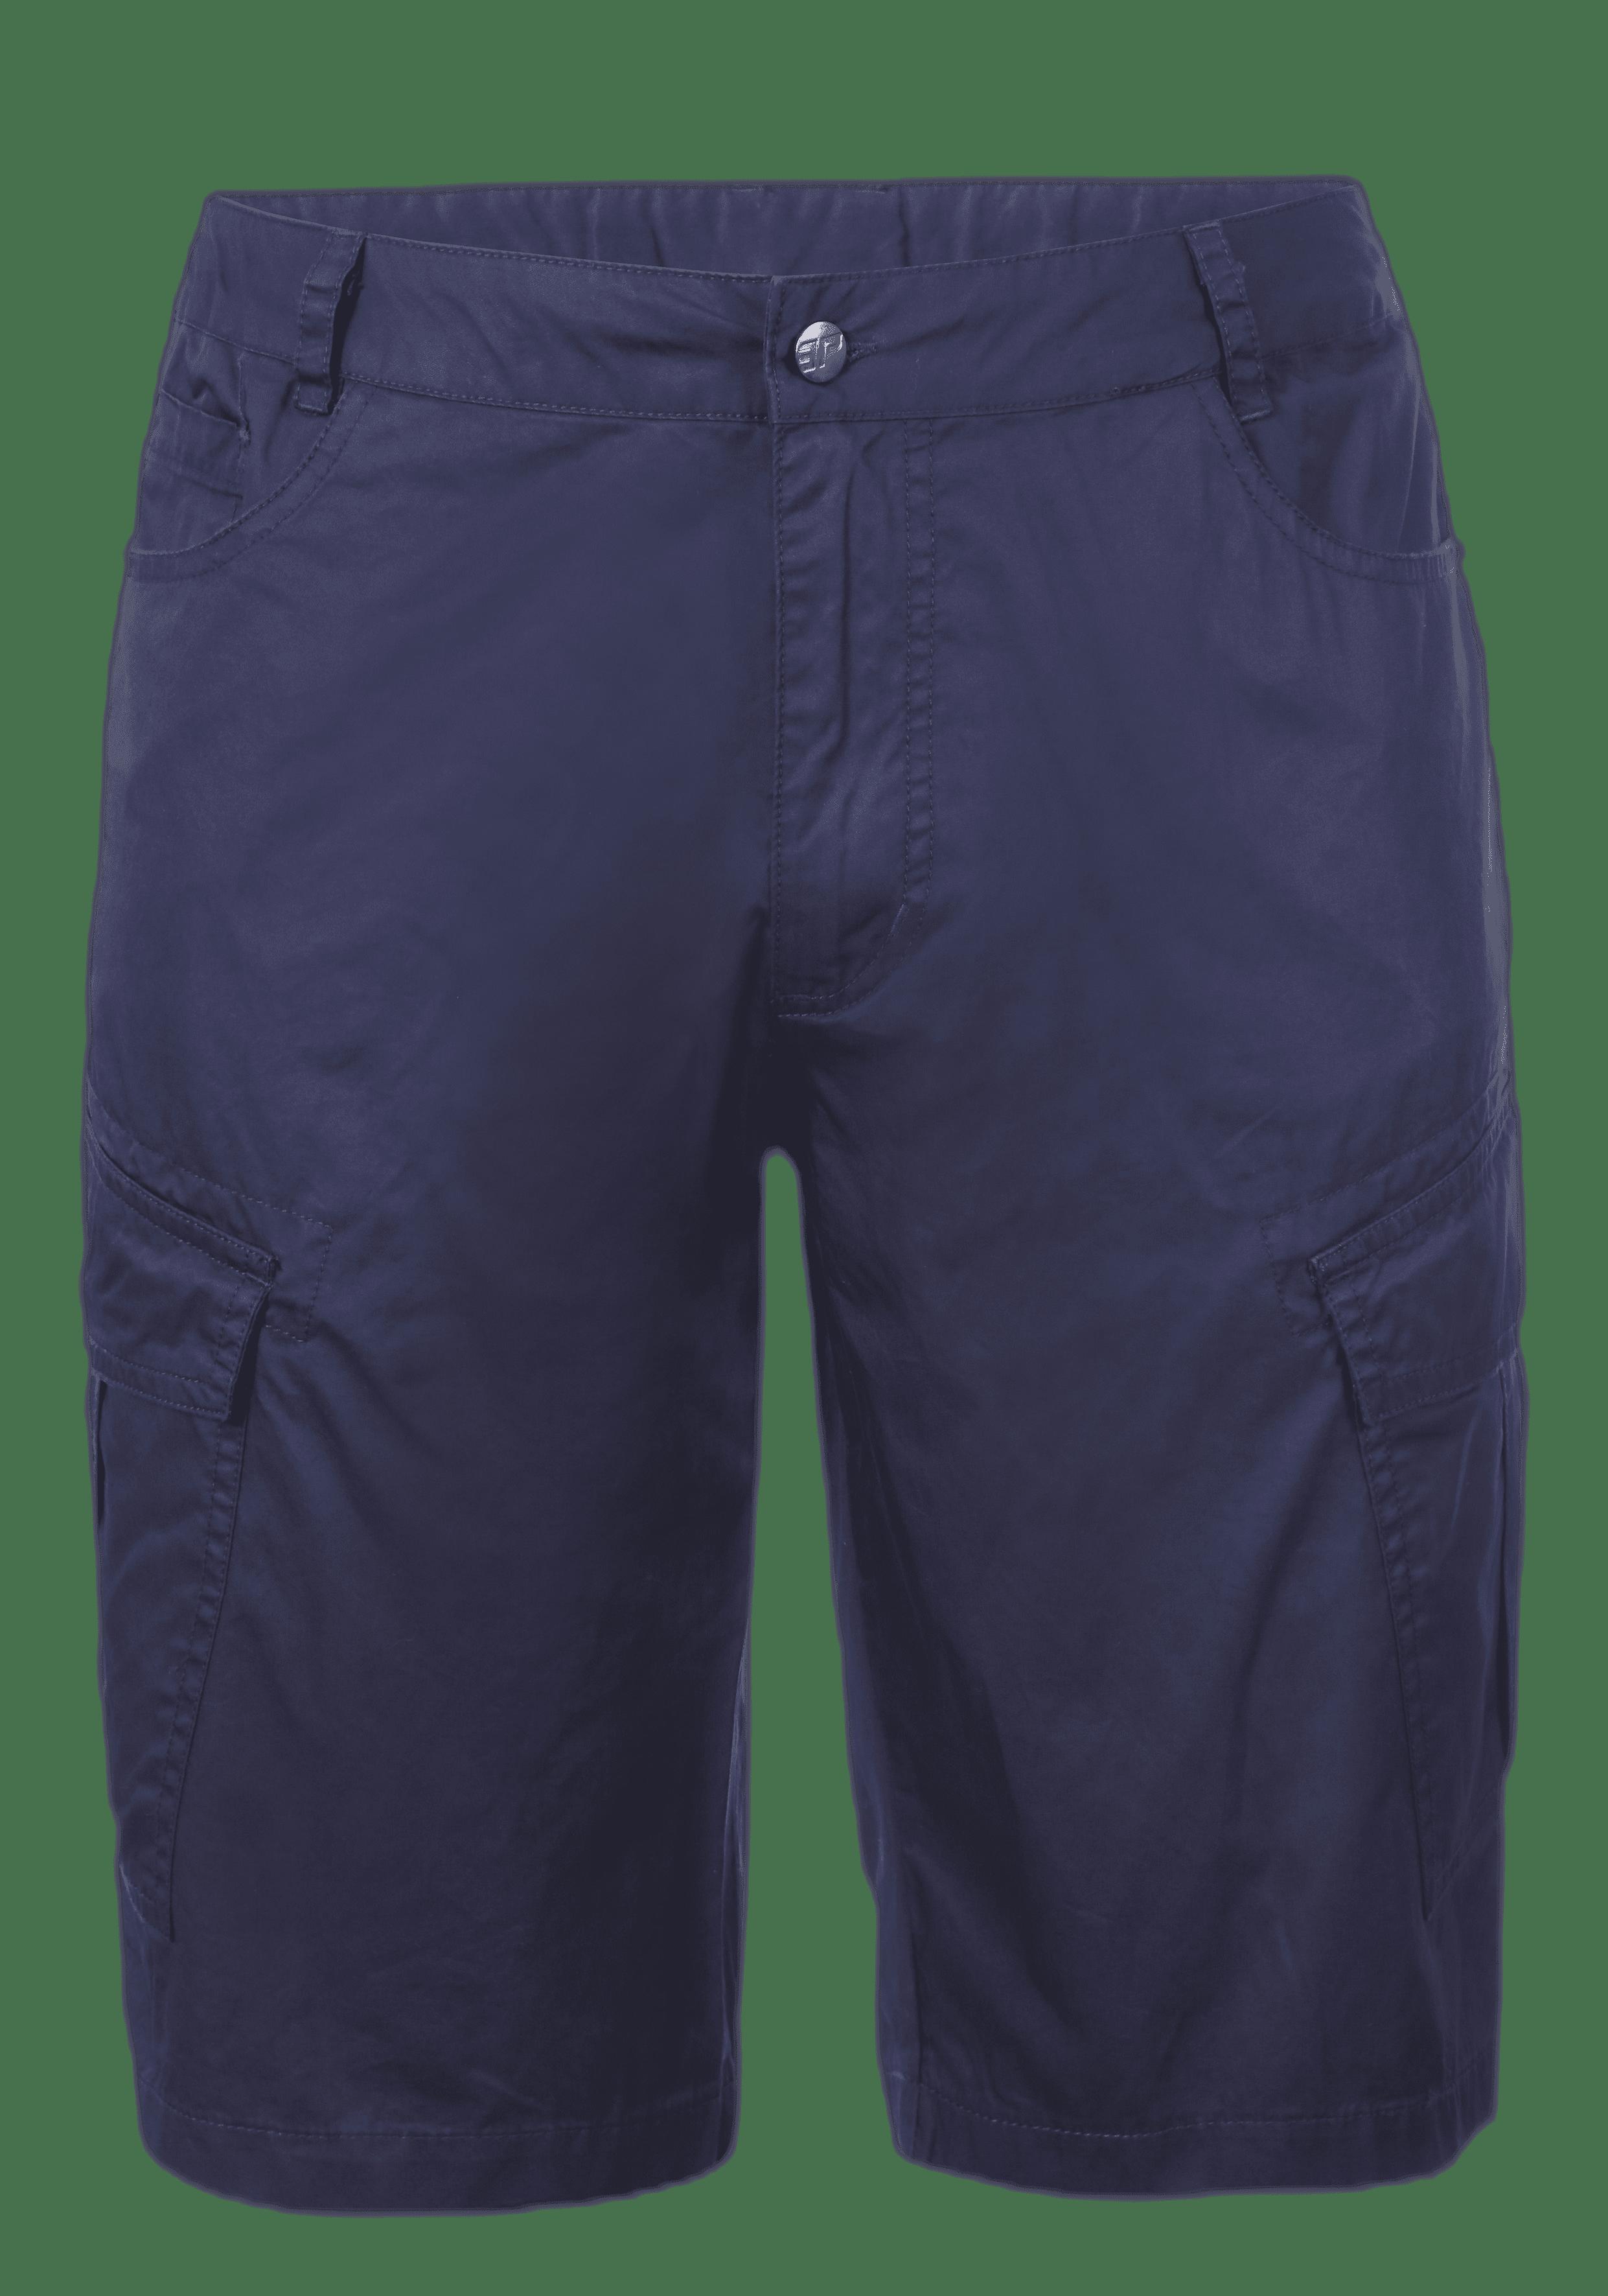 Shorts lambert